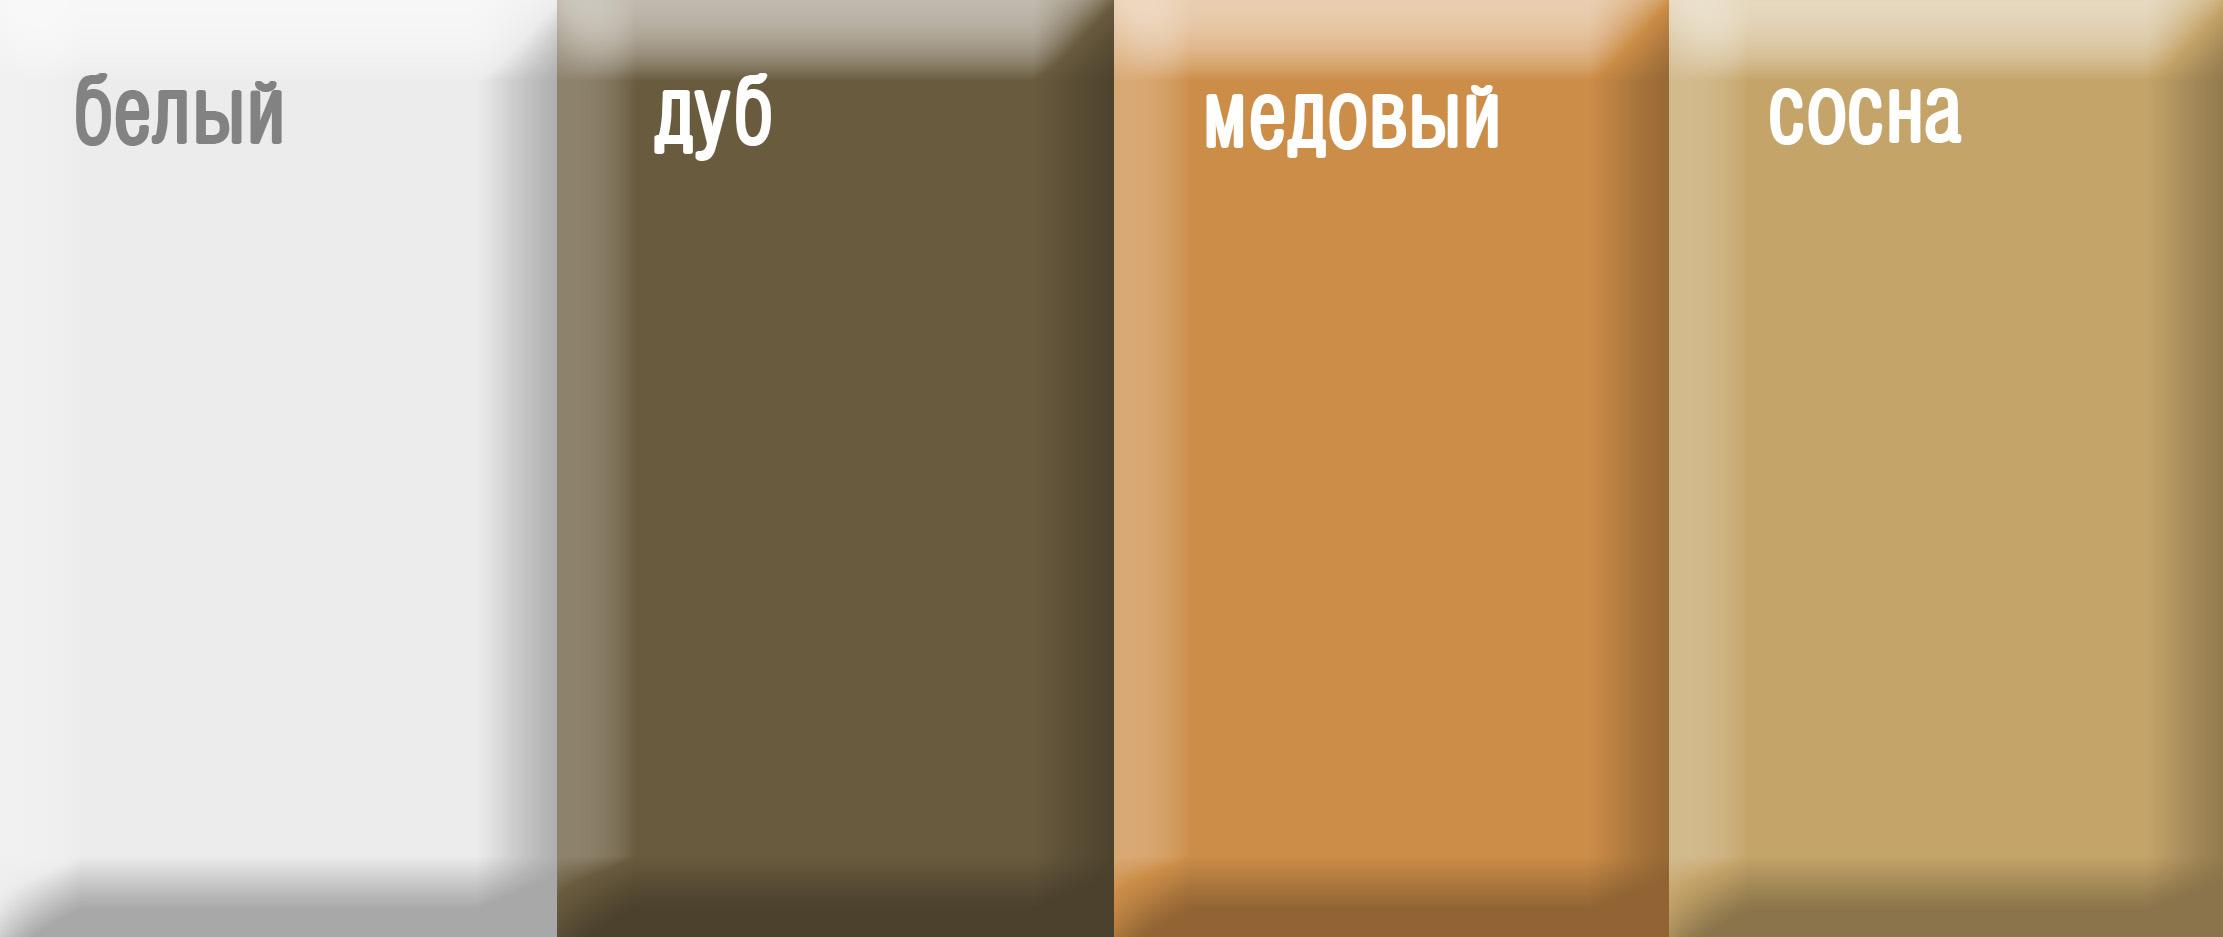 Неомид аква цвета